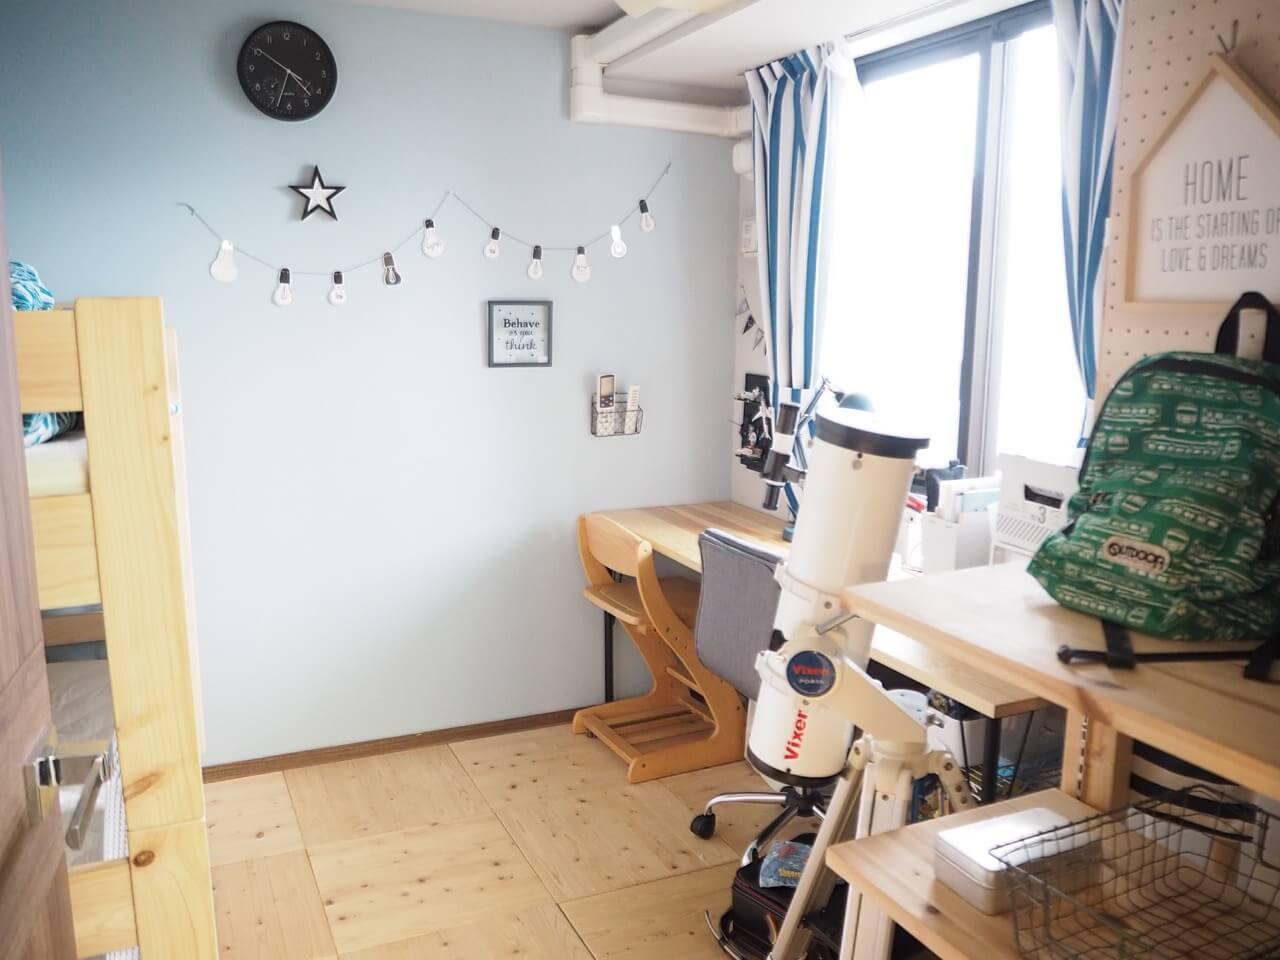 11/12開催【Onnelaオンラインセミナー】~しっくりこない部屋をステキにする!理想のお家づくり~